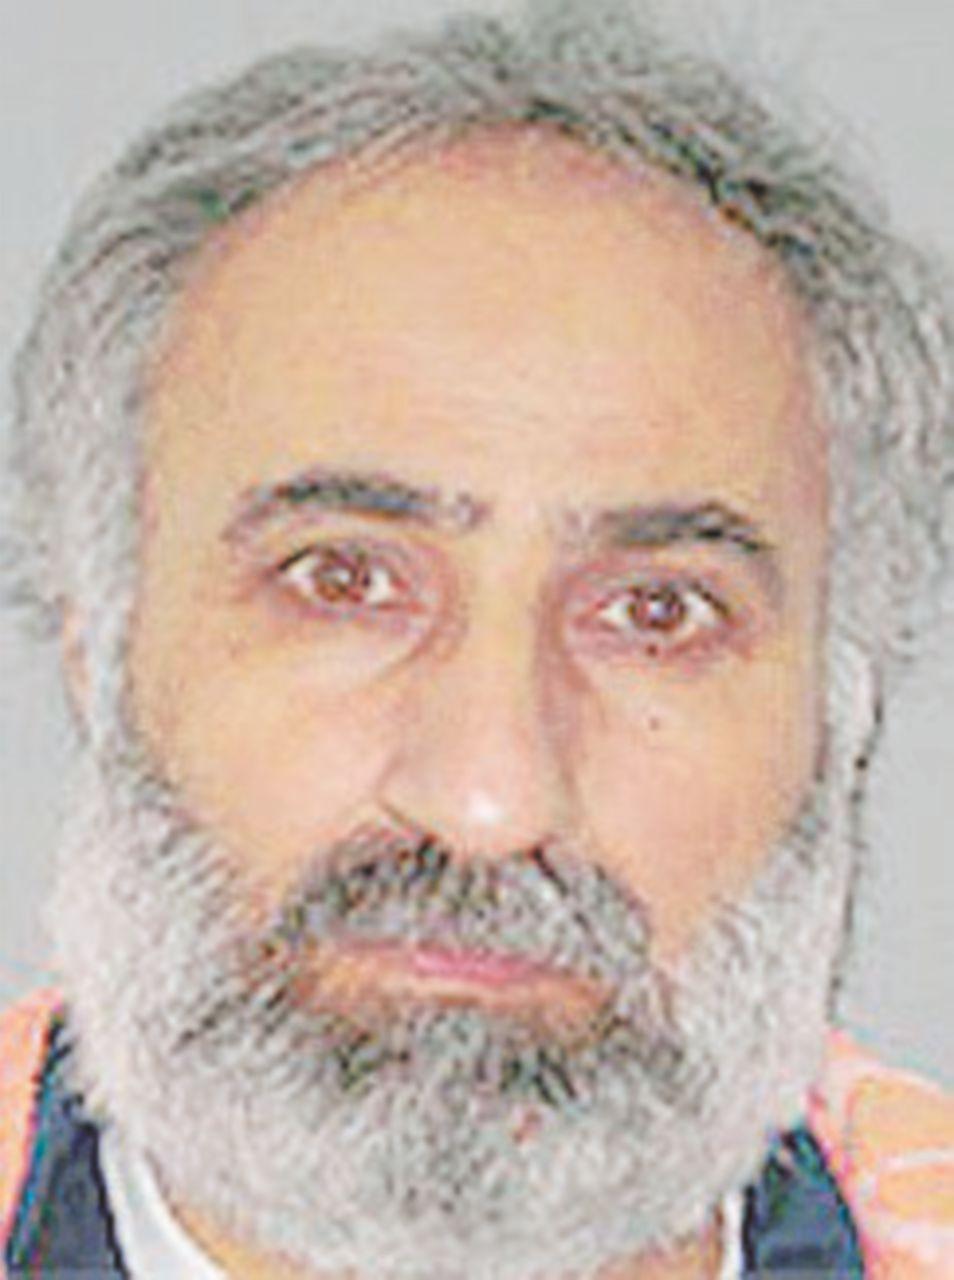 Ucciso il ministro di al-Baghdadi ma l'obiettivo era prenderlo vivo